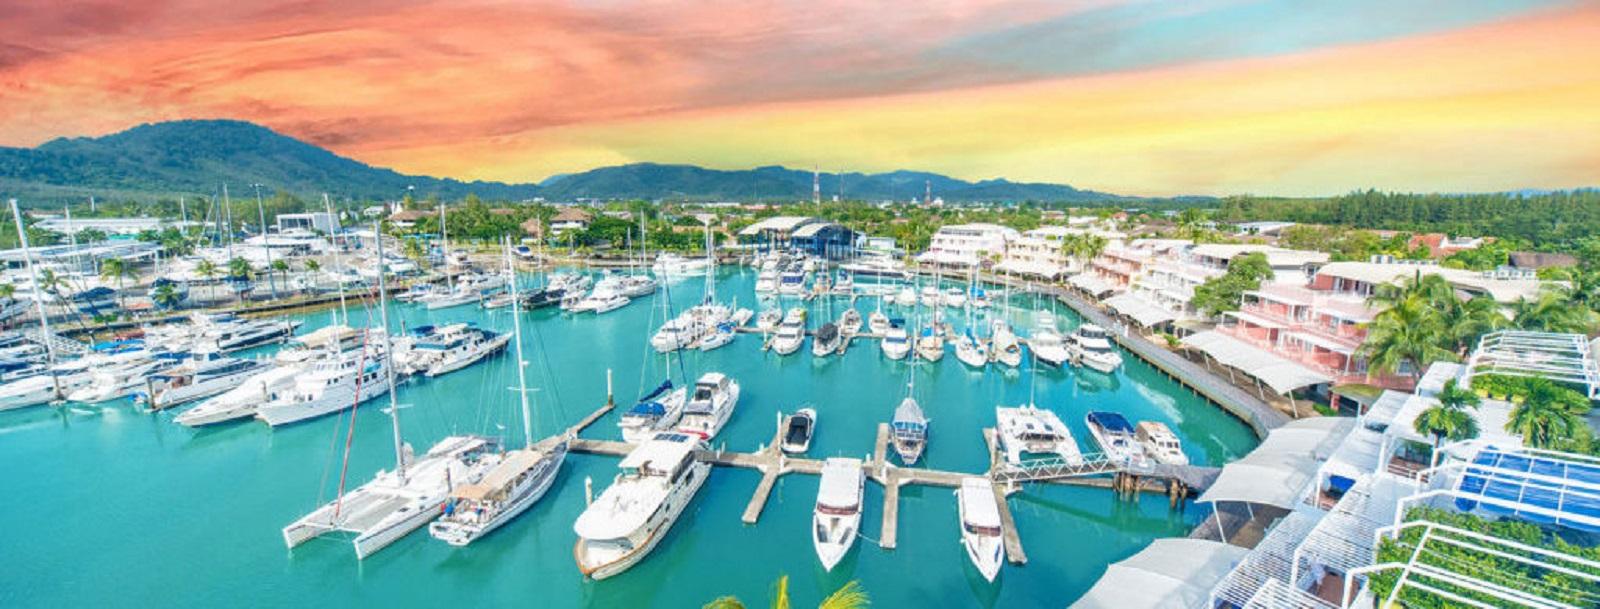 Phuket East Coast